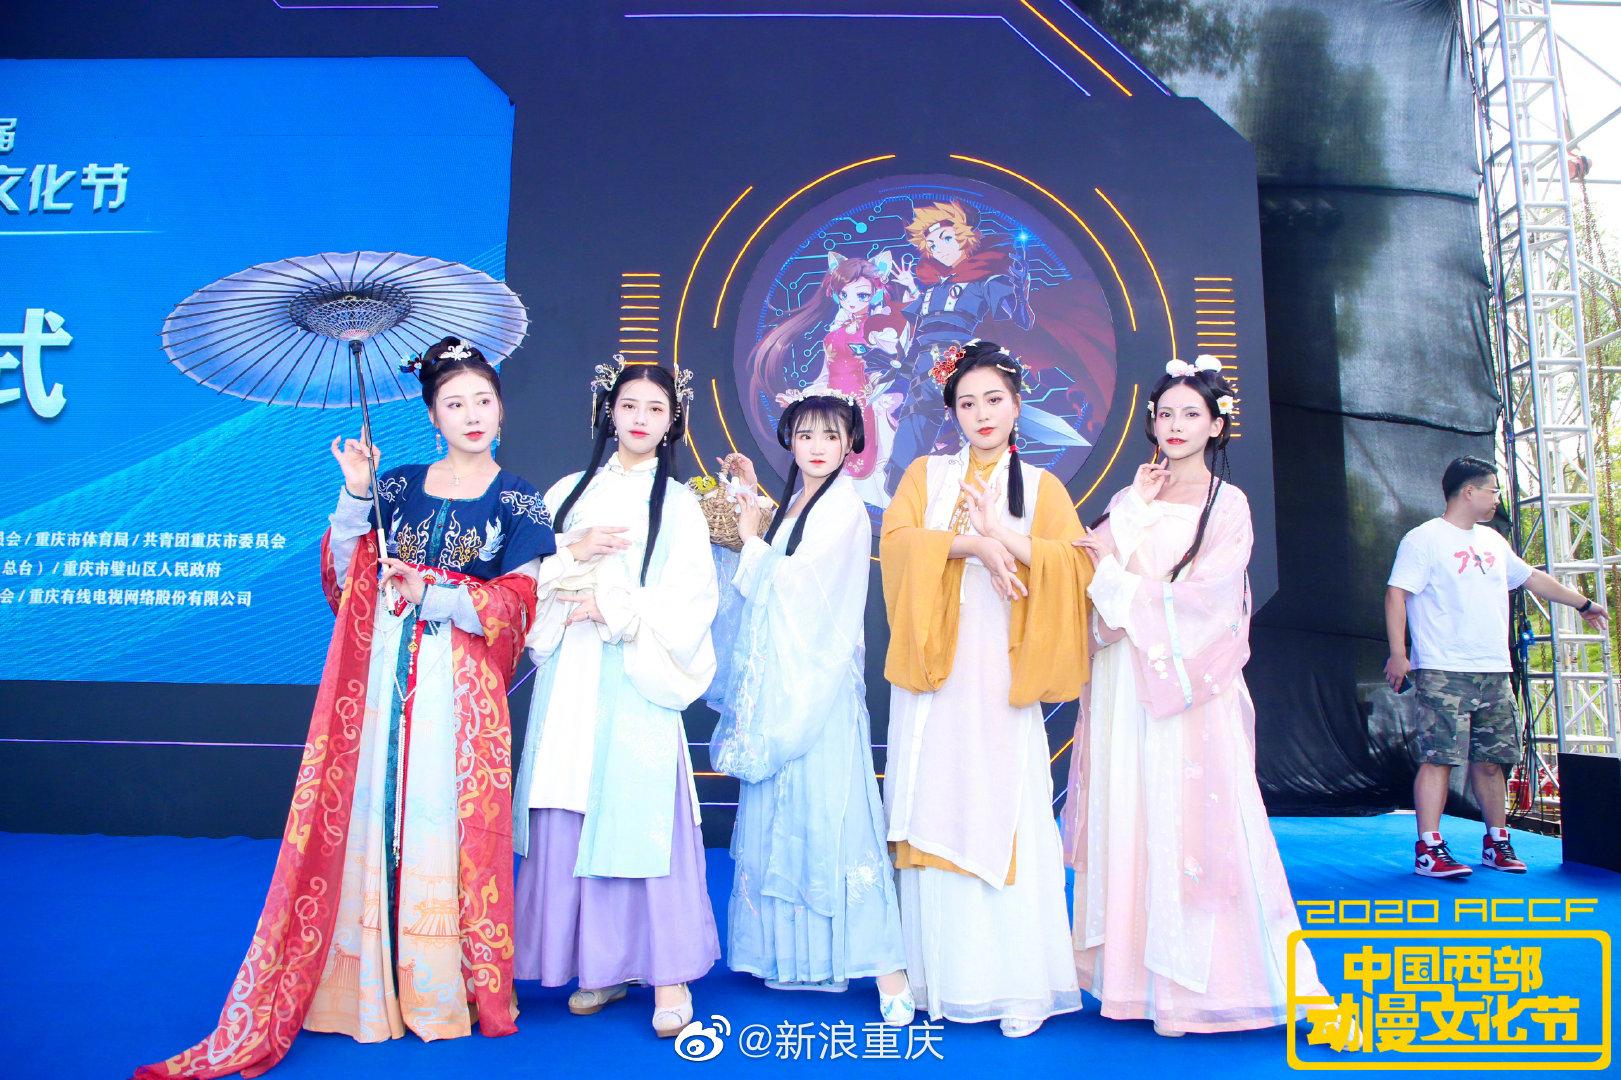 2020第十二届中国西部动漫文化节在璧山开幕 四大系列运动等着你